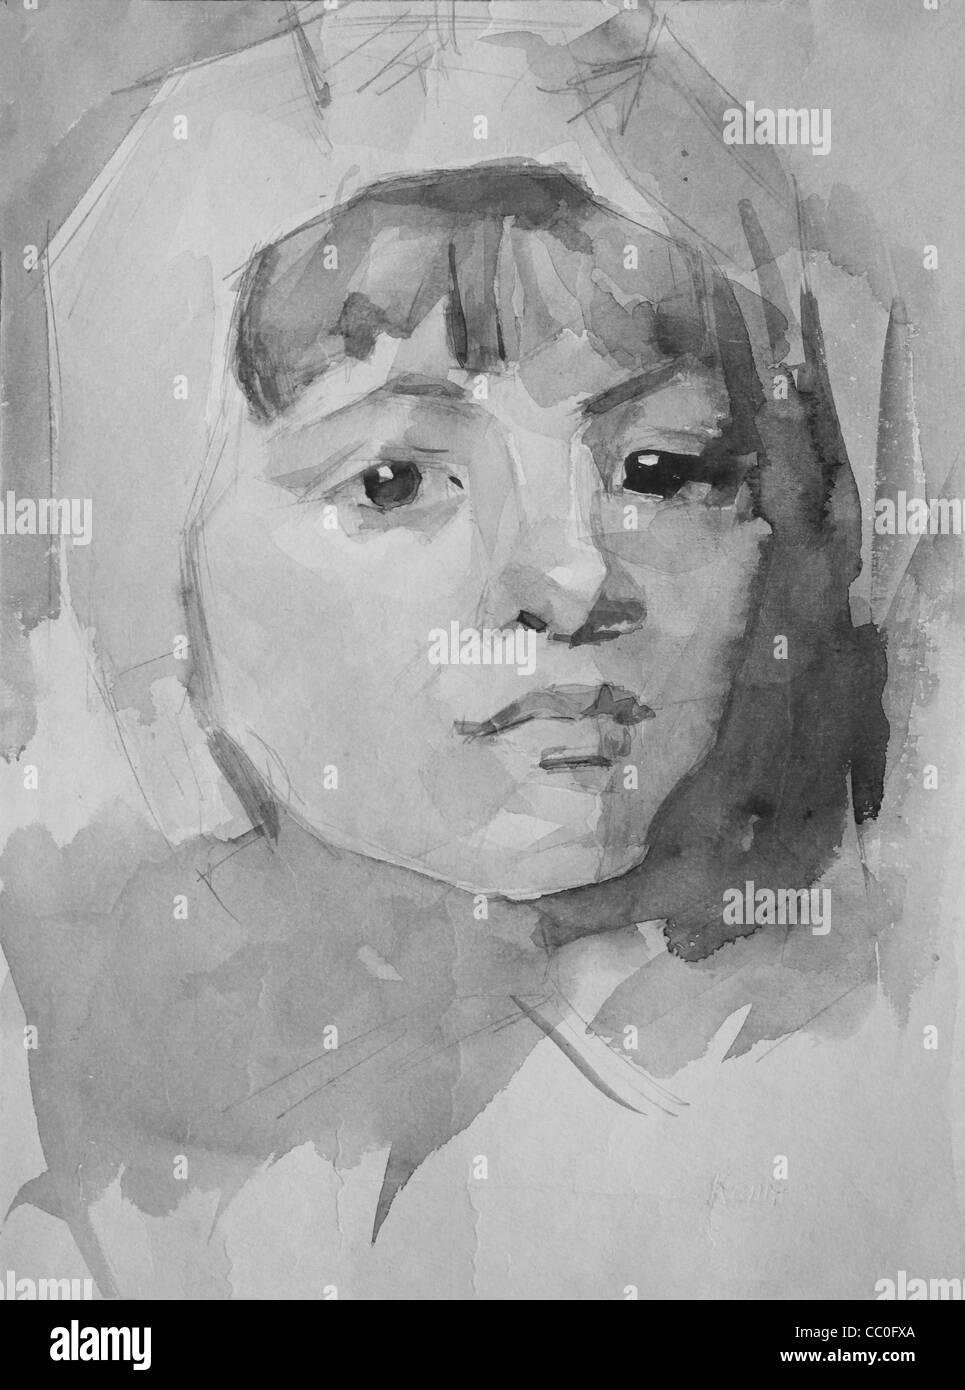 Ritratto grafico di una ragazza dipinta da matita e acquarello Immagini Stock